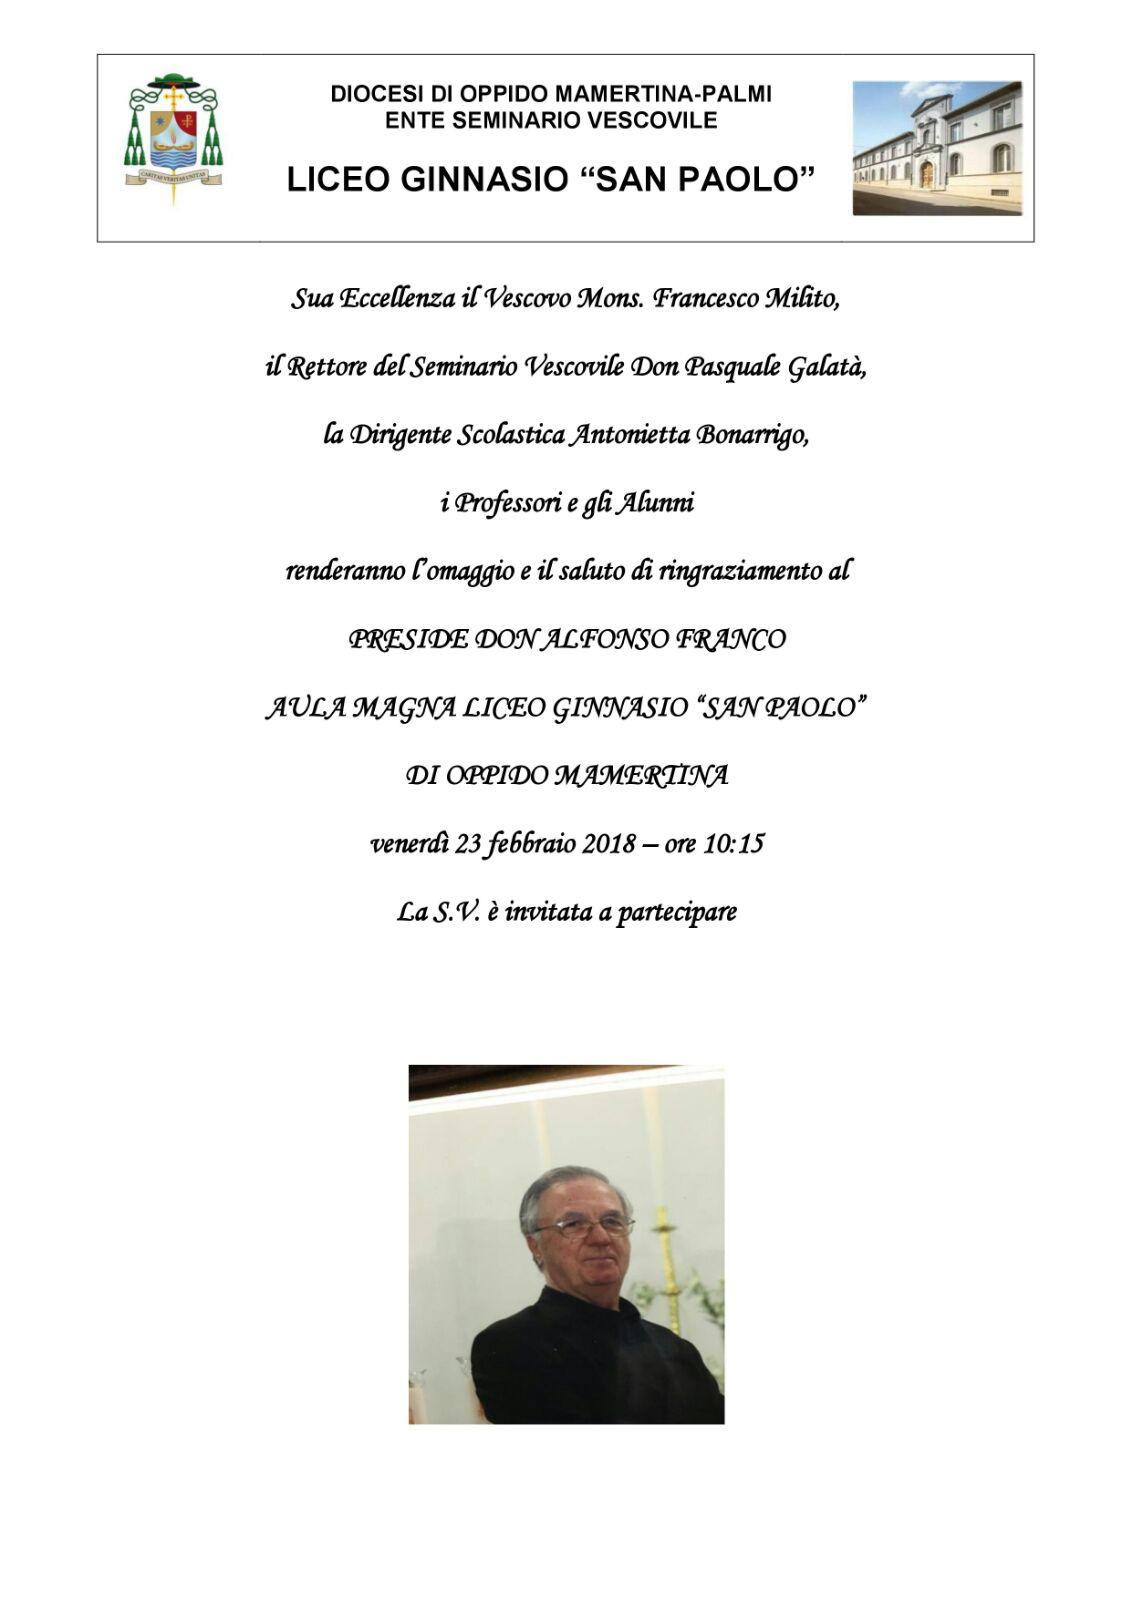 Saluto al Preside Don Alfonso Franco